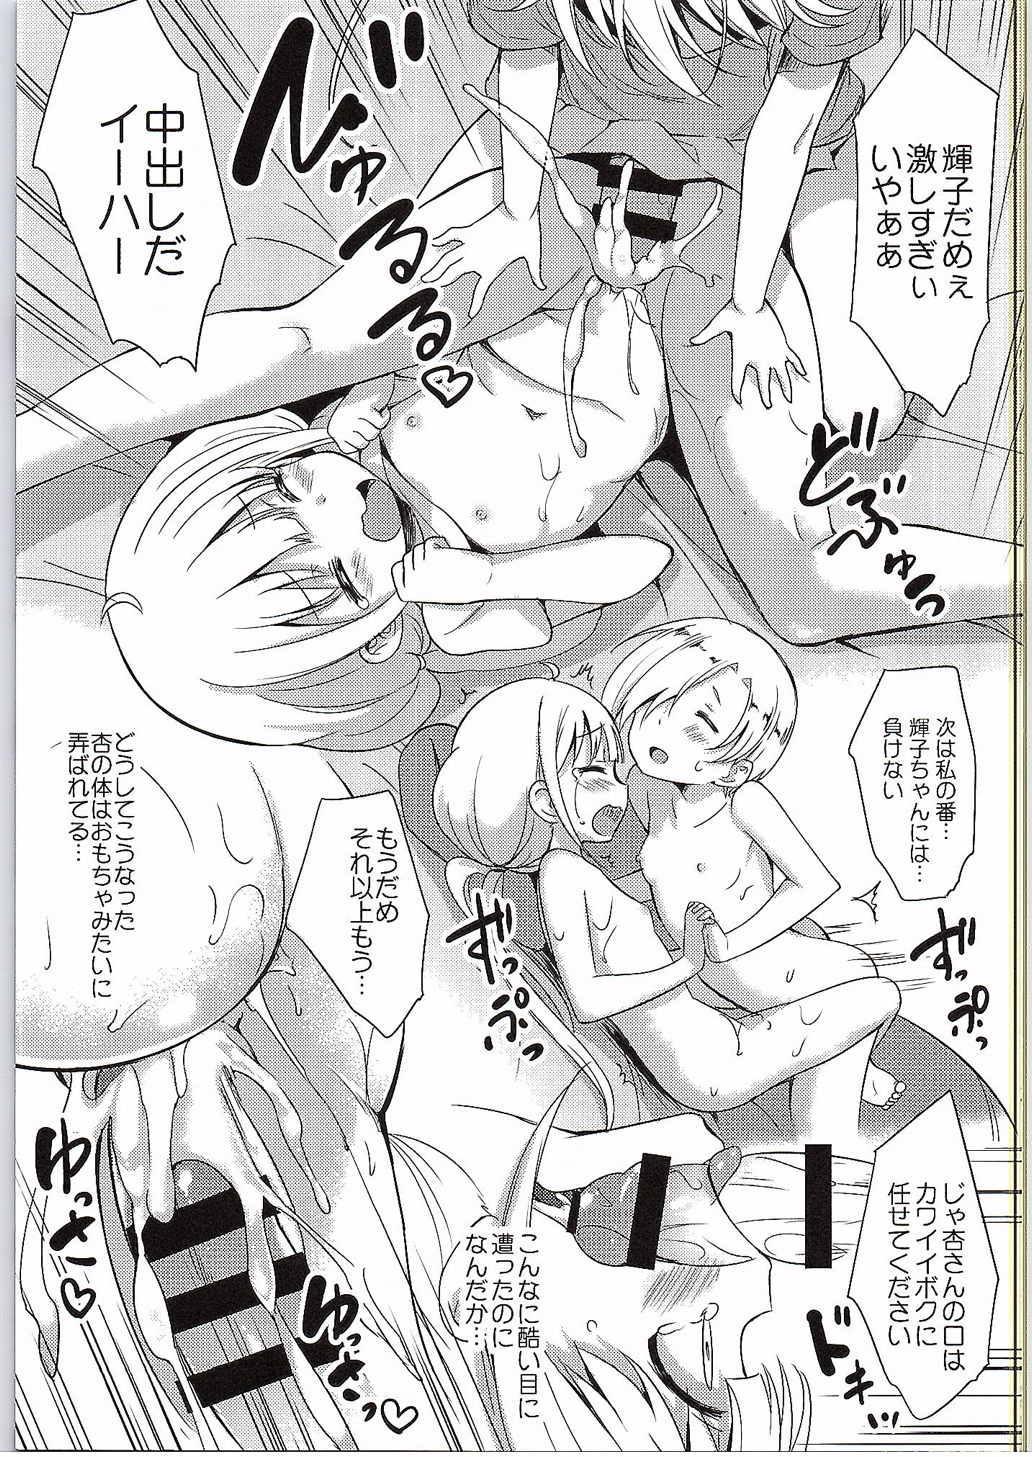 Anzu to 142's no Kinoko PARTY 19